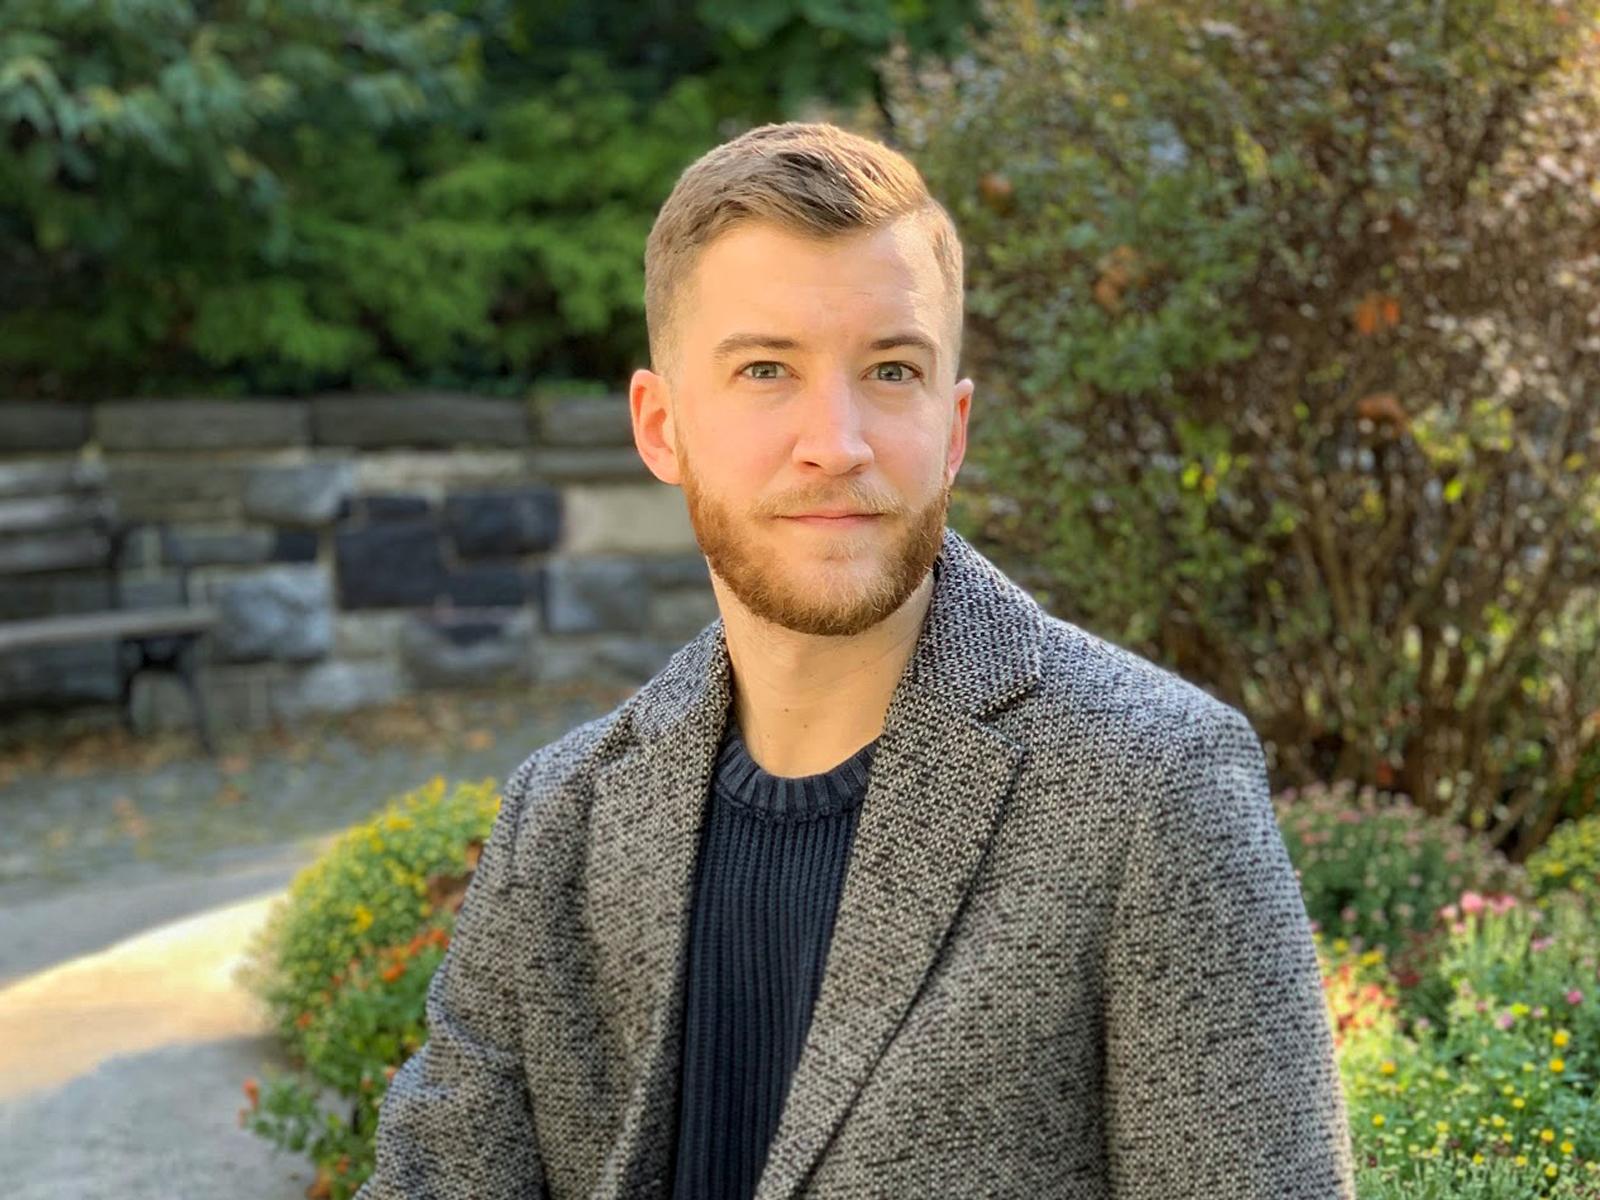 Alumni Update: Interview with Austin Harrod